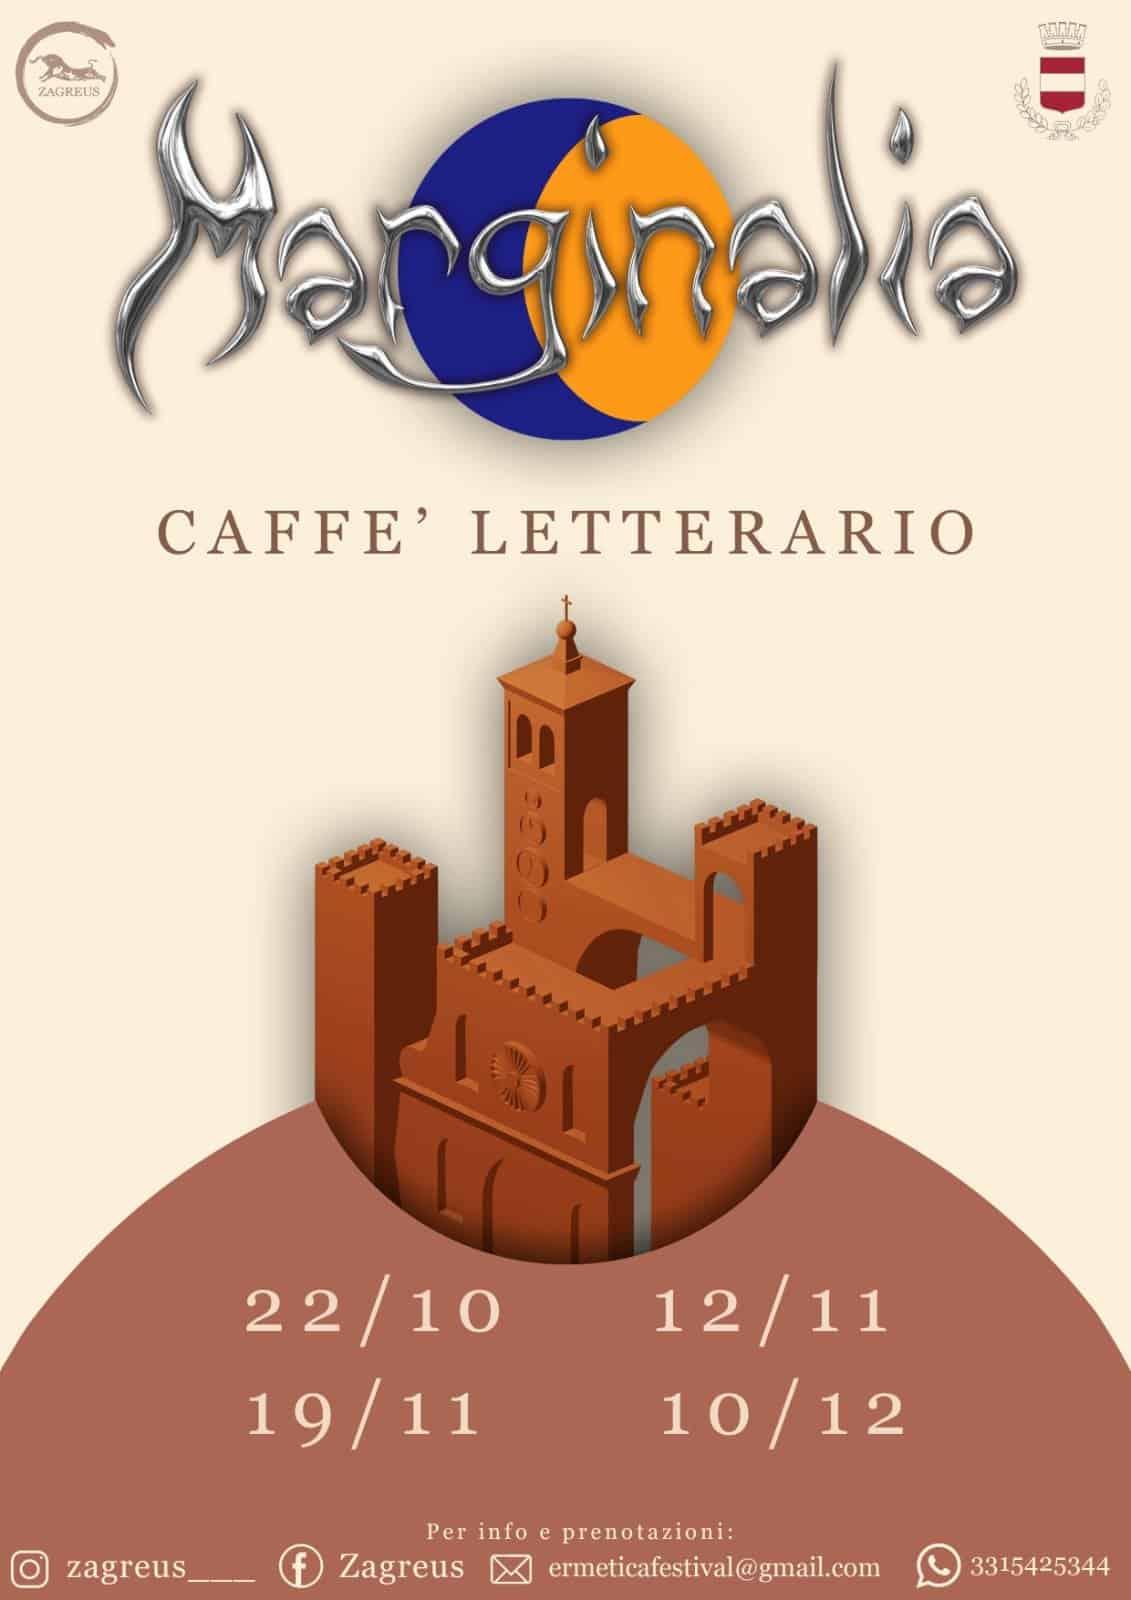 MARGINALIA – CAFFE' LETTERARIO